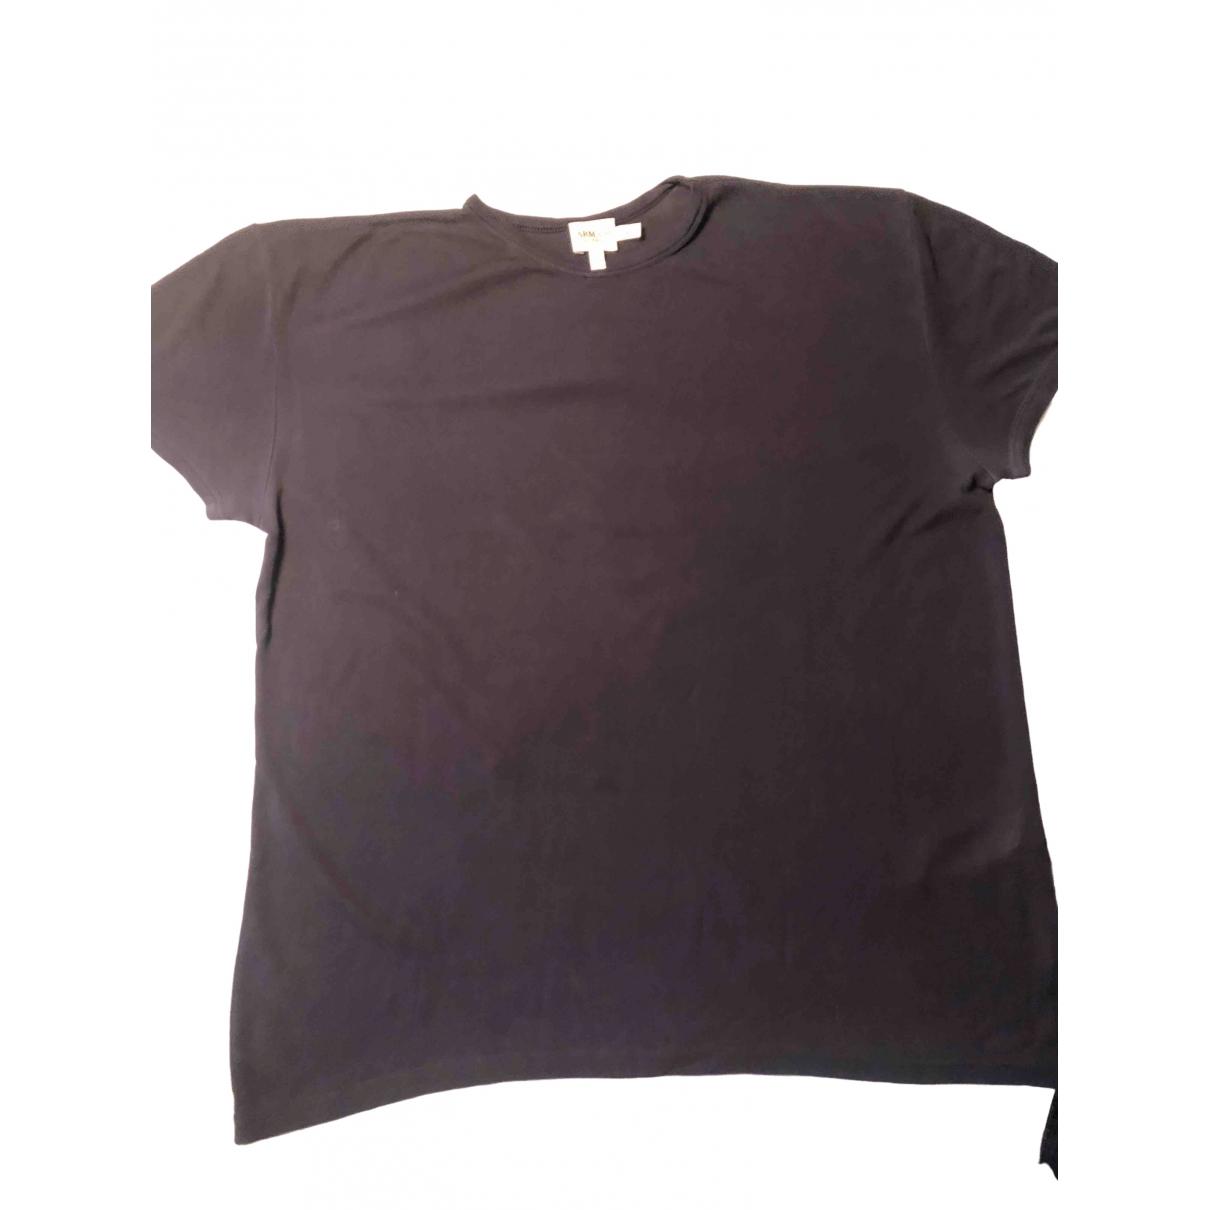 Armani Collezioni - Tee shirts   pour homme en soie - bleu